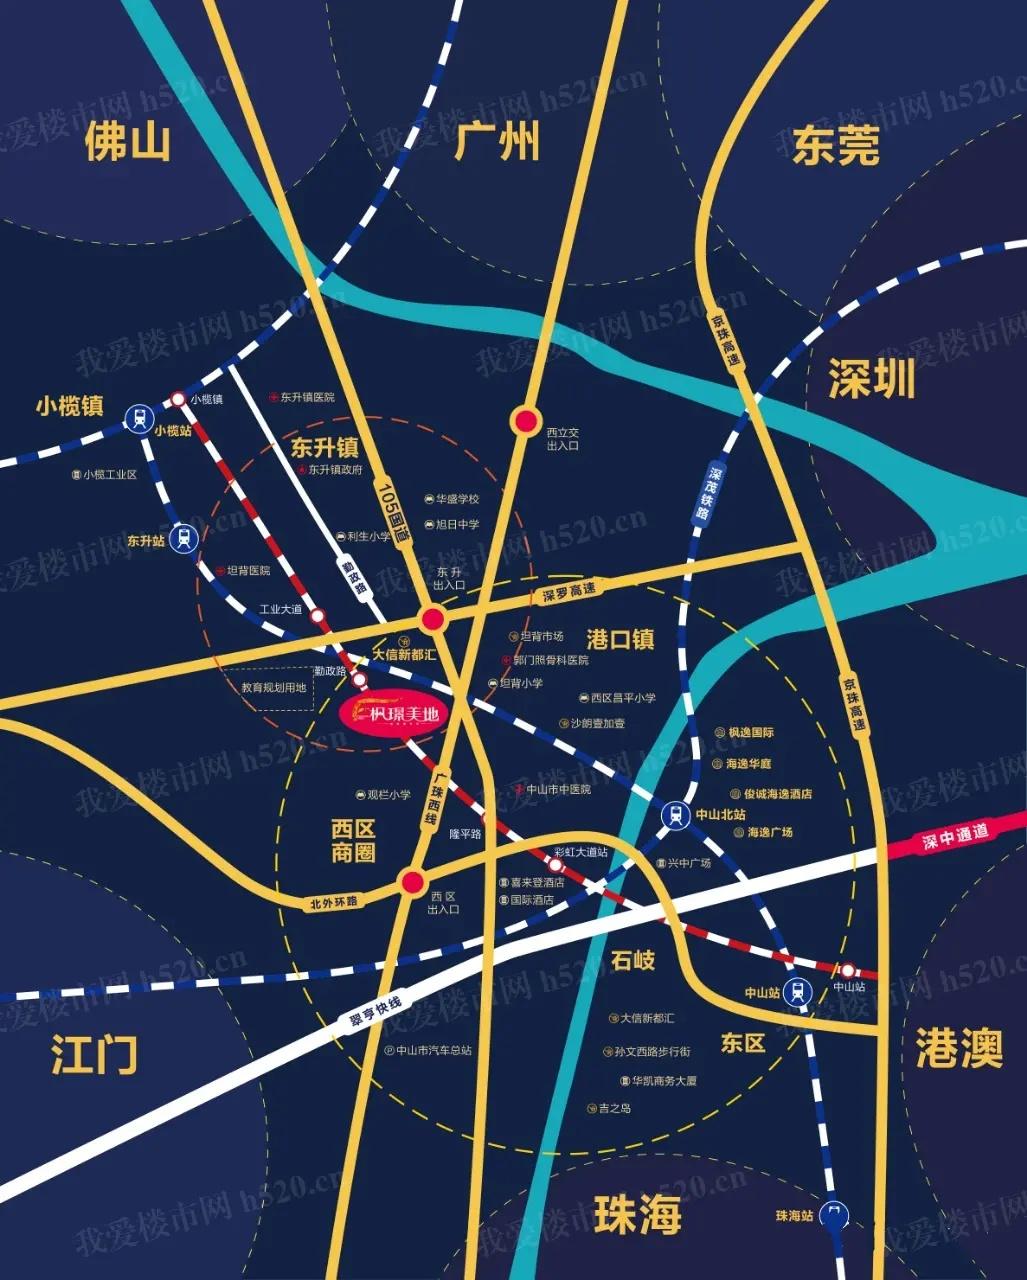 雅居乐枫璟美地区位图